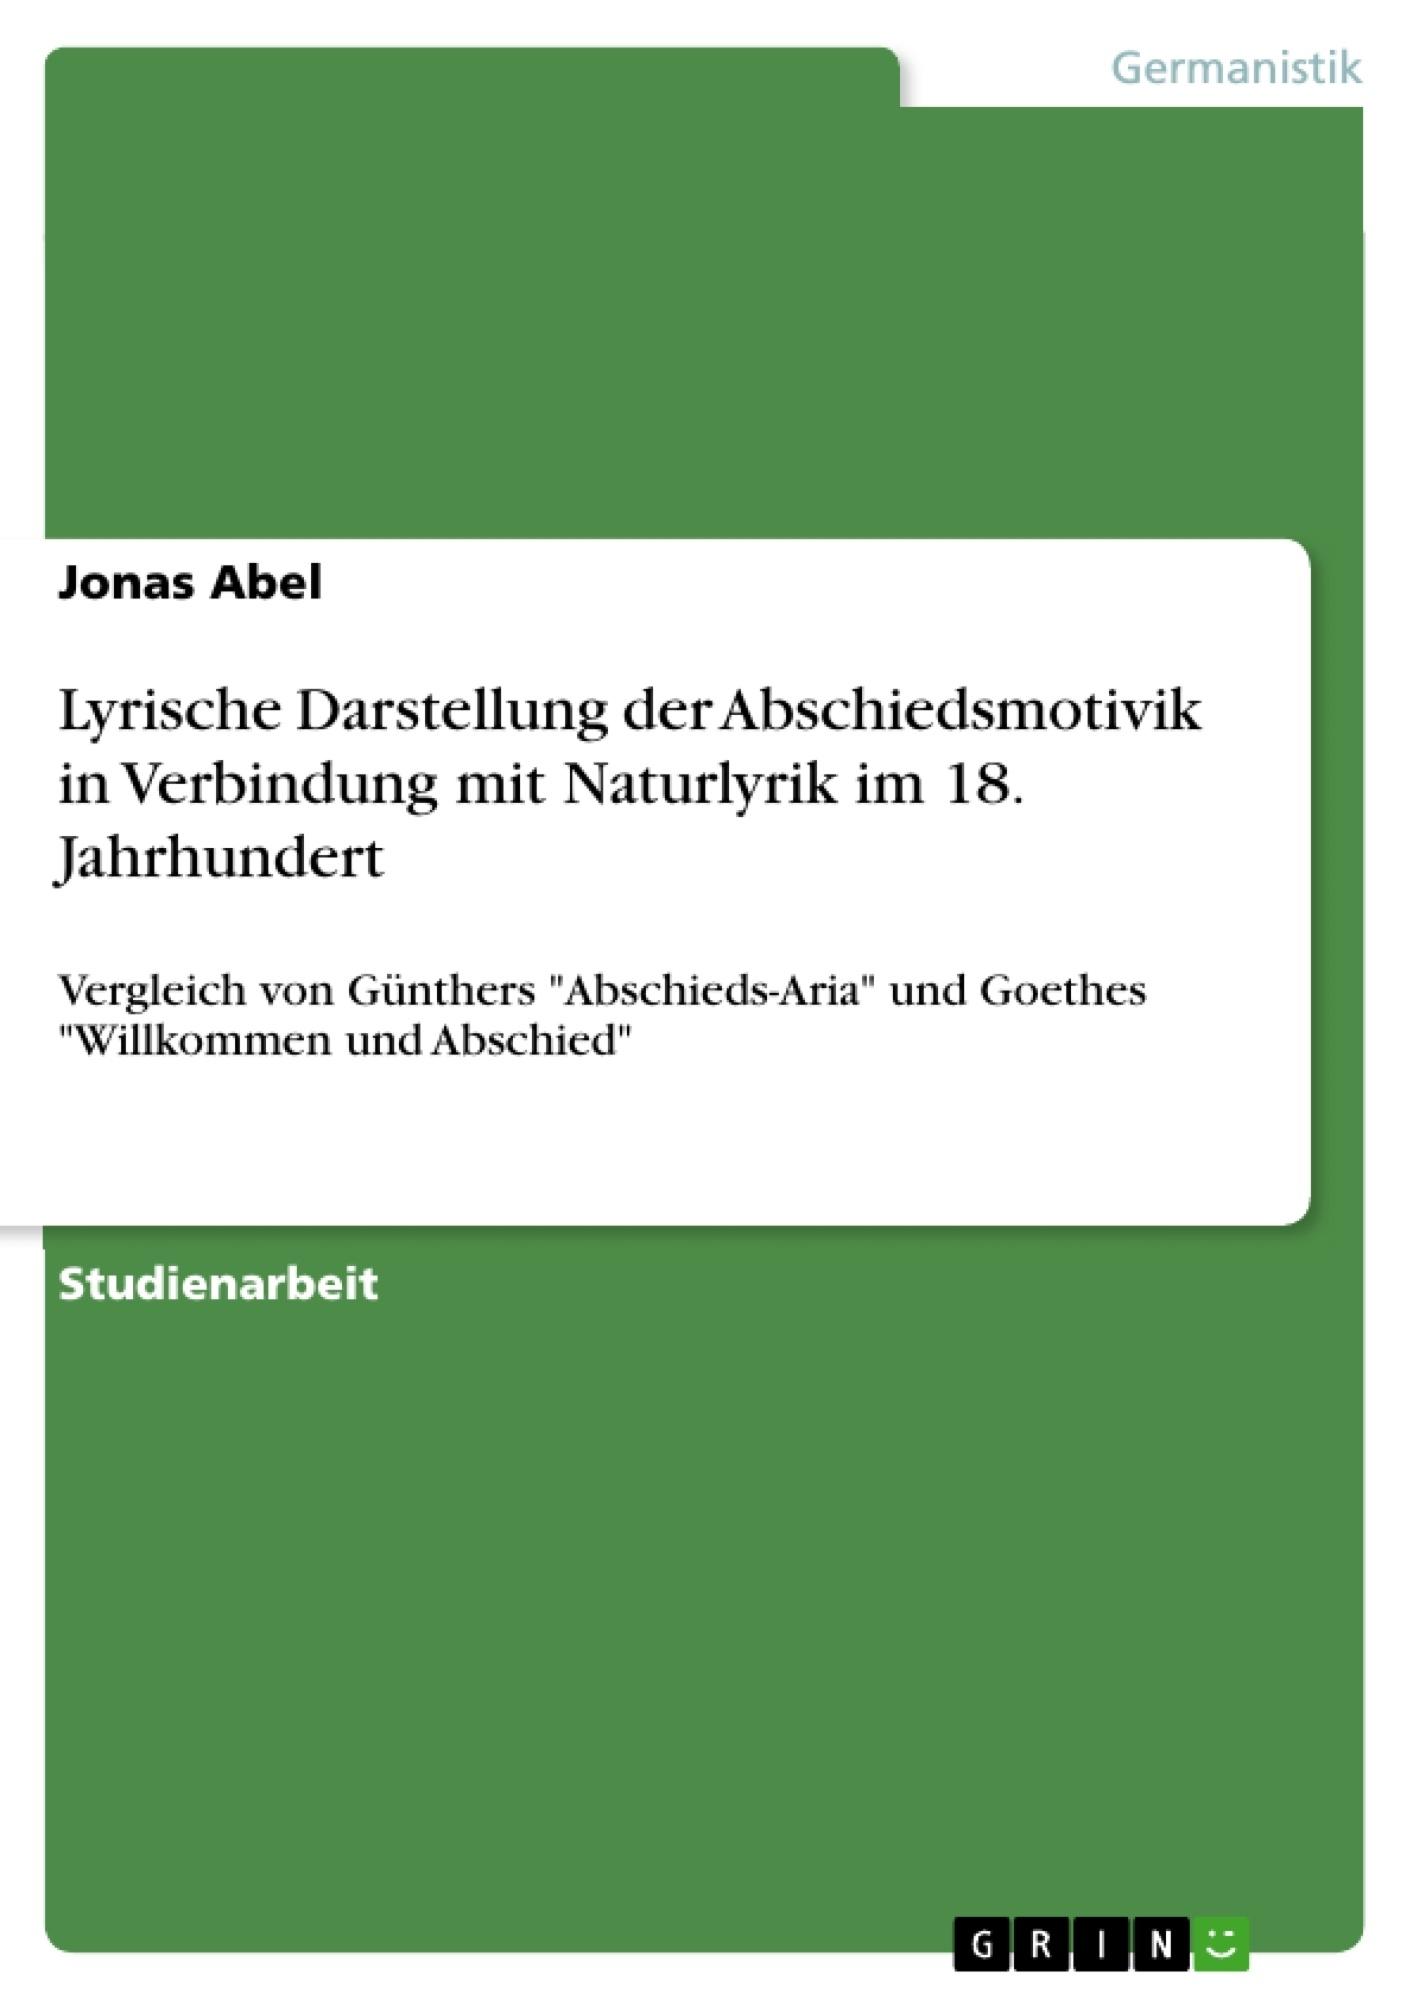 Titel: Lyrische Darstellung der Abschiedsmotivik in Verbindung mit Naturlyrik im 18. Jahrhundert